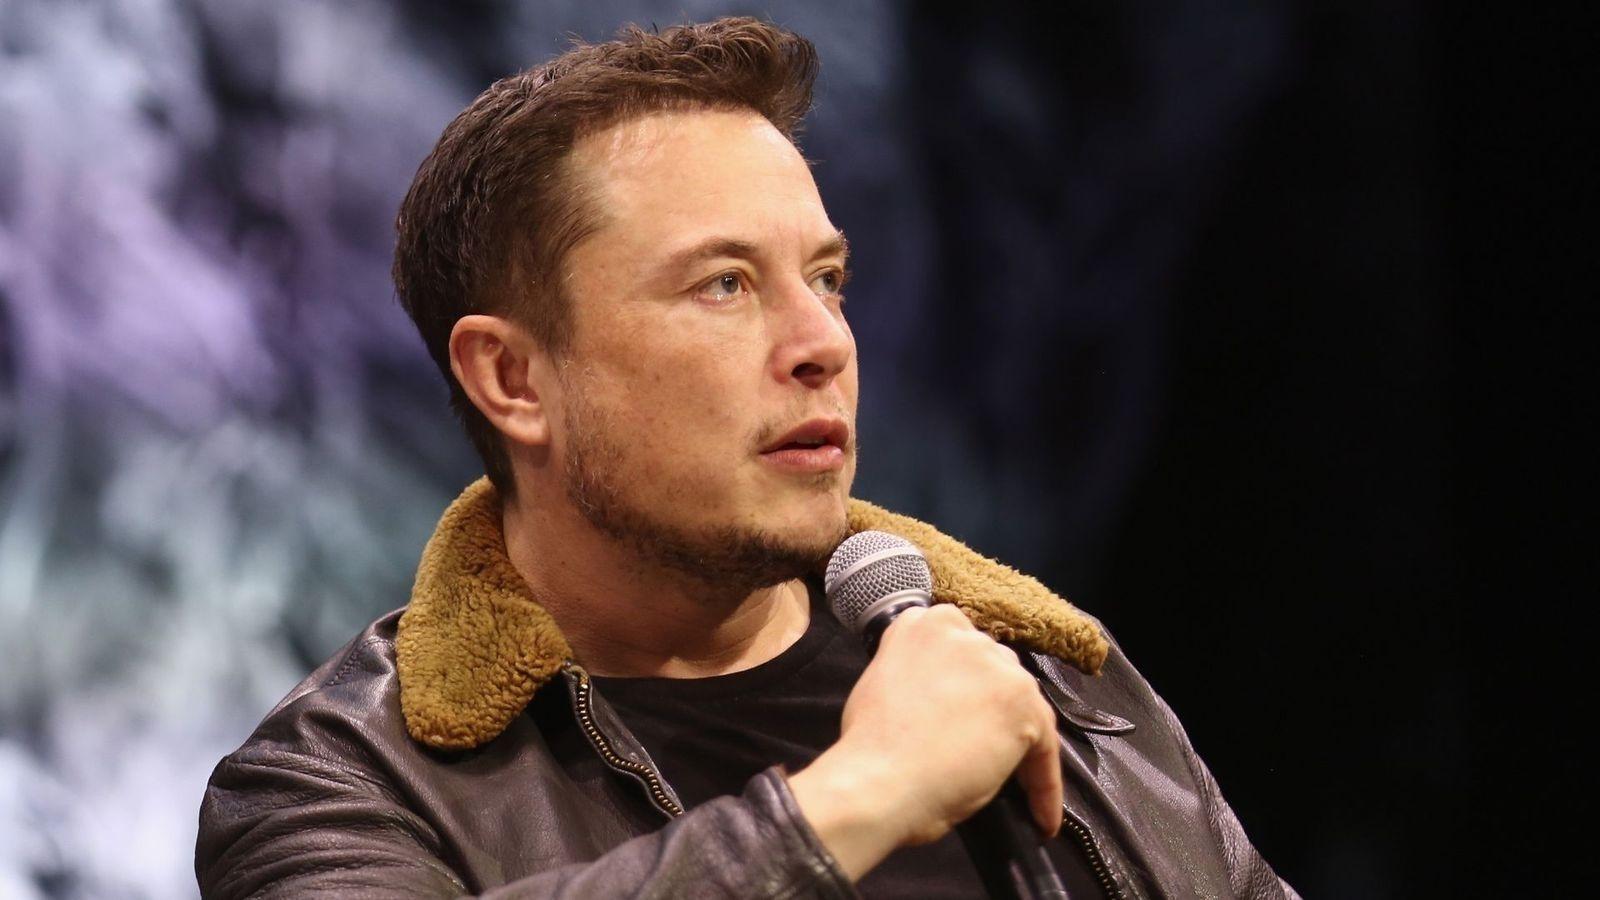 Илон Маск хиймэл дагуулын Starlink интернэтээр анх удаа холбогдож үзүүлжээ